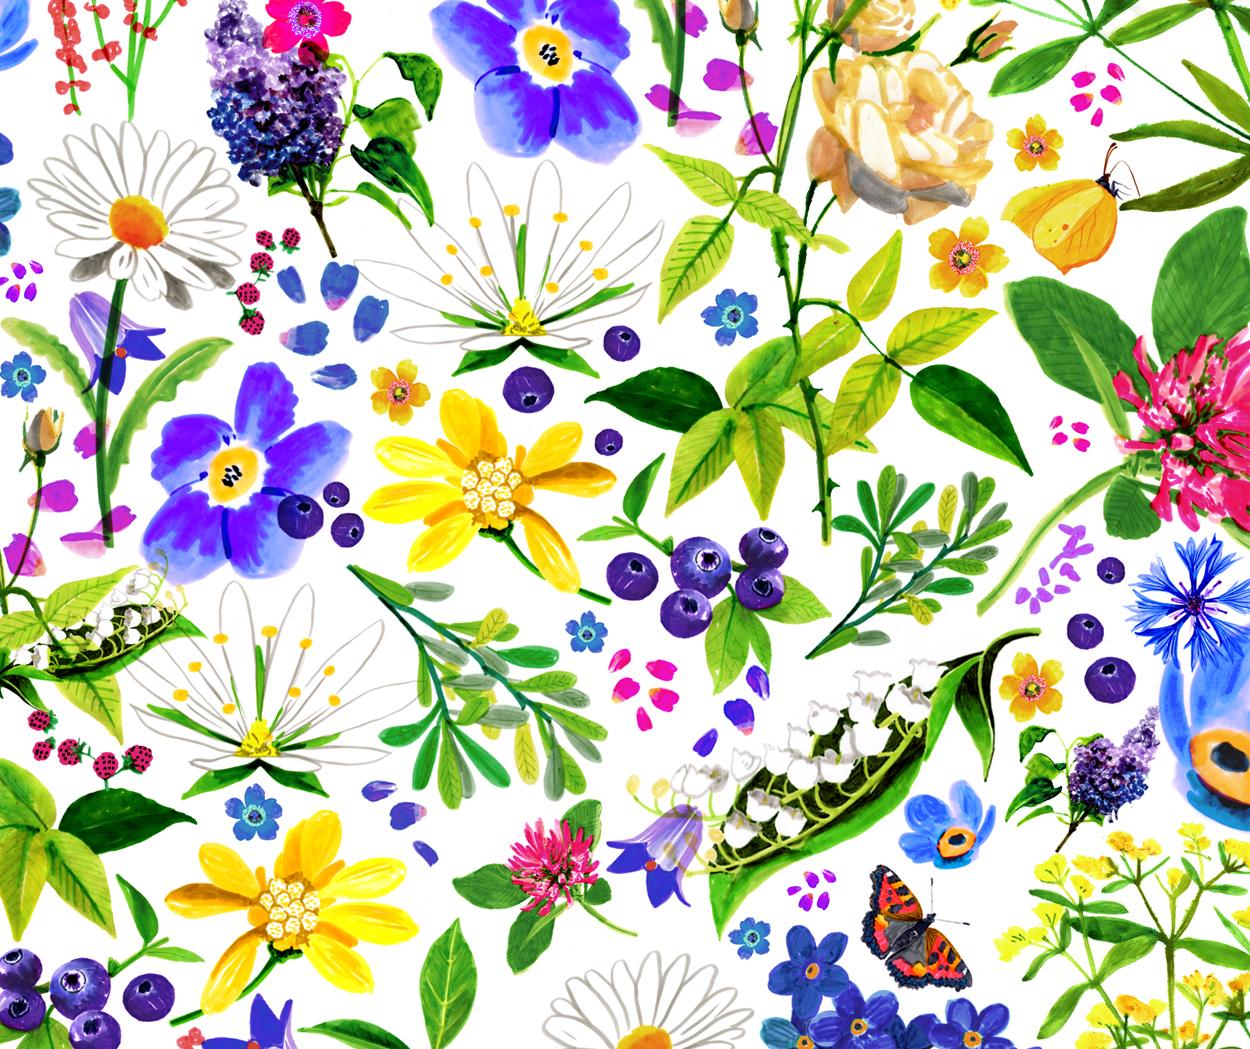 flowerpattern4.jpg